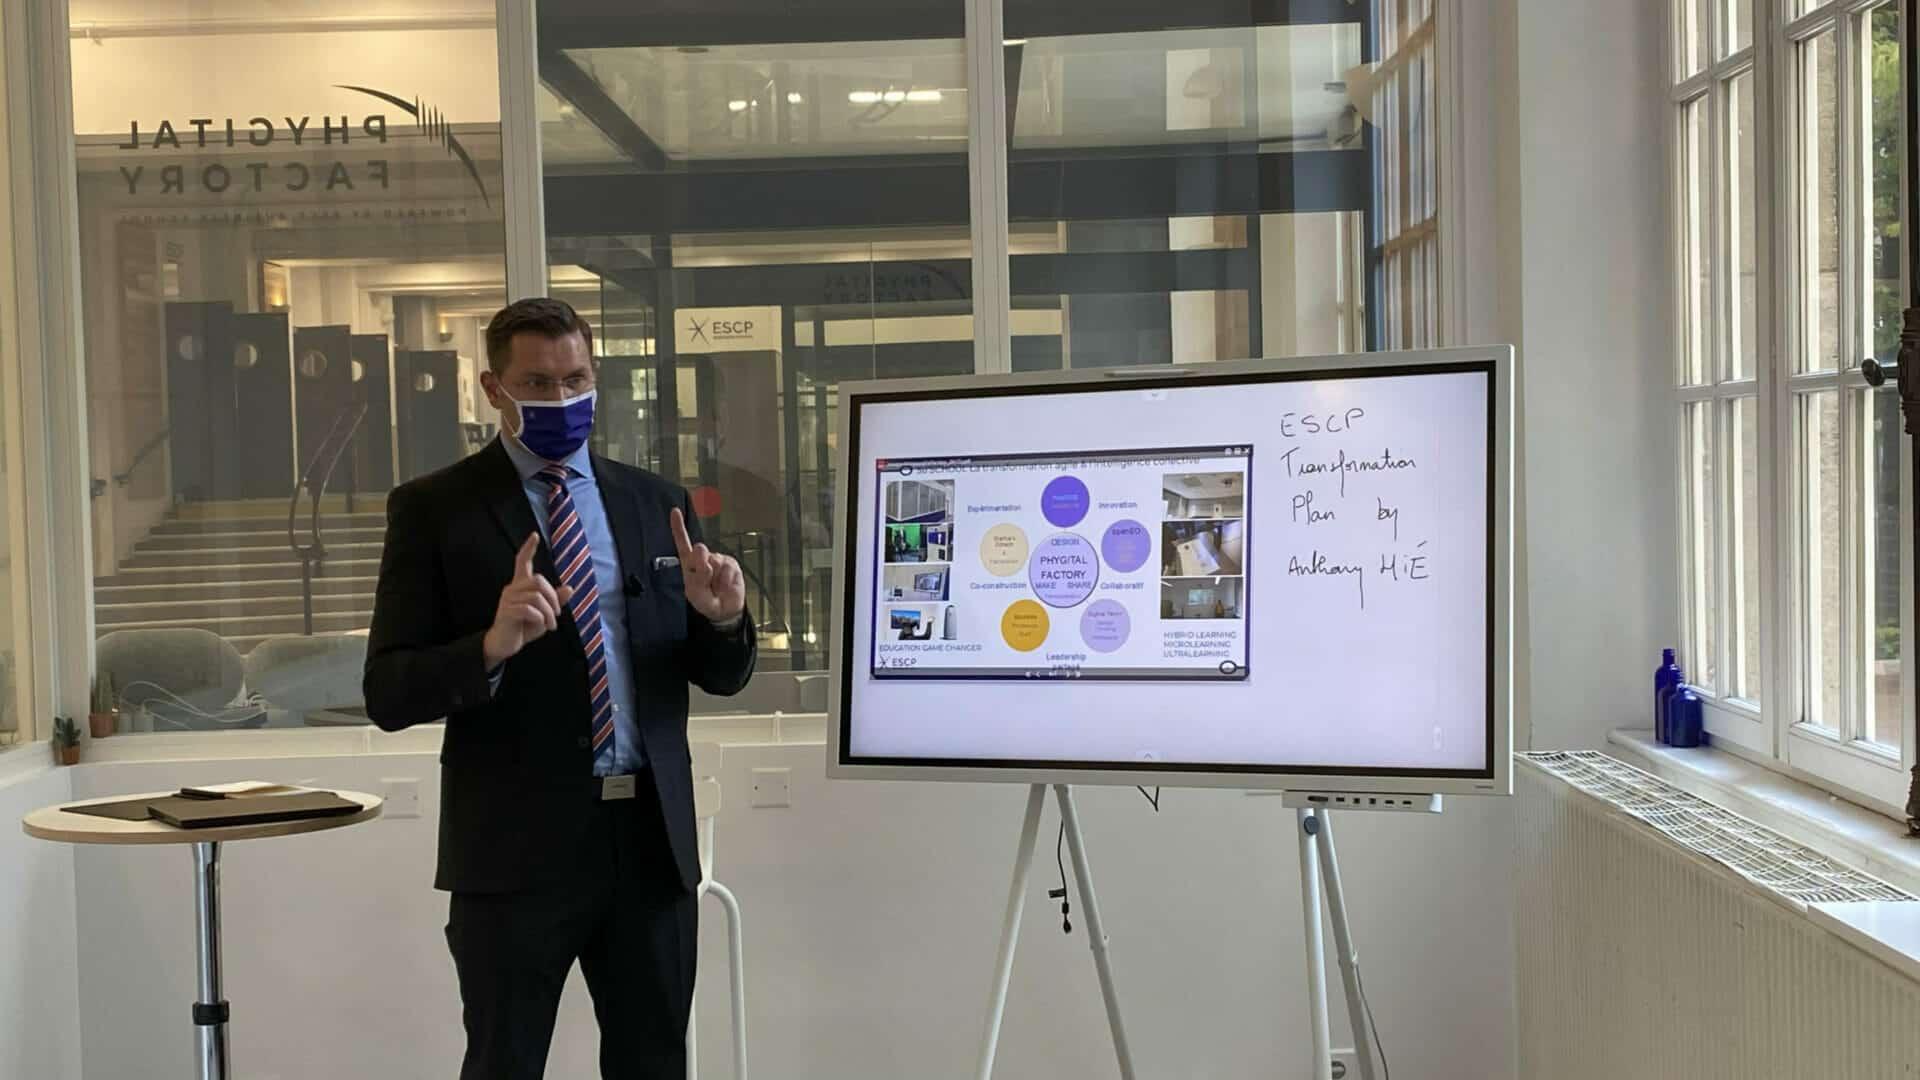 ESCP Business School lance un dispositif pédagogique et numérique innovant : la Phygital Factory. Zoom sur ce nouvel outil !